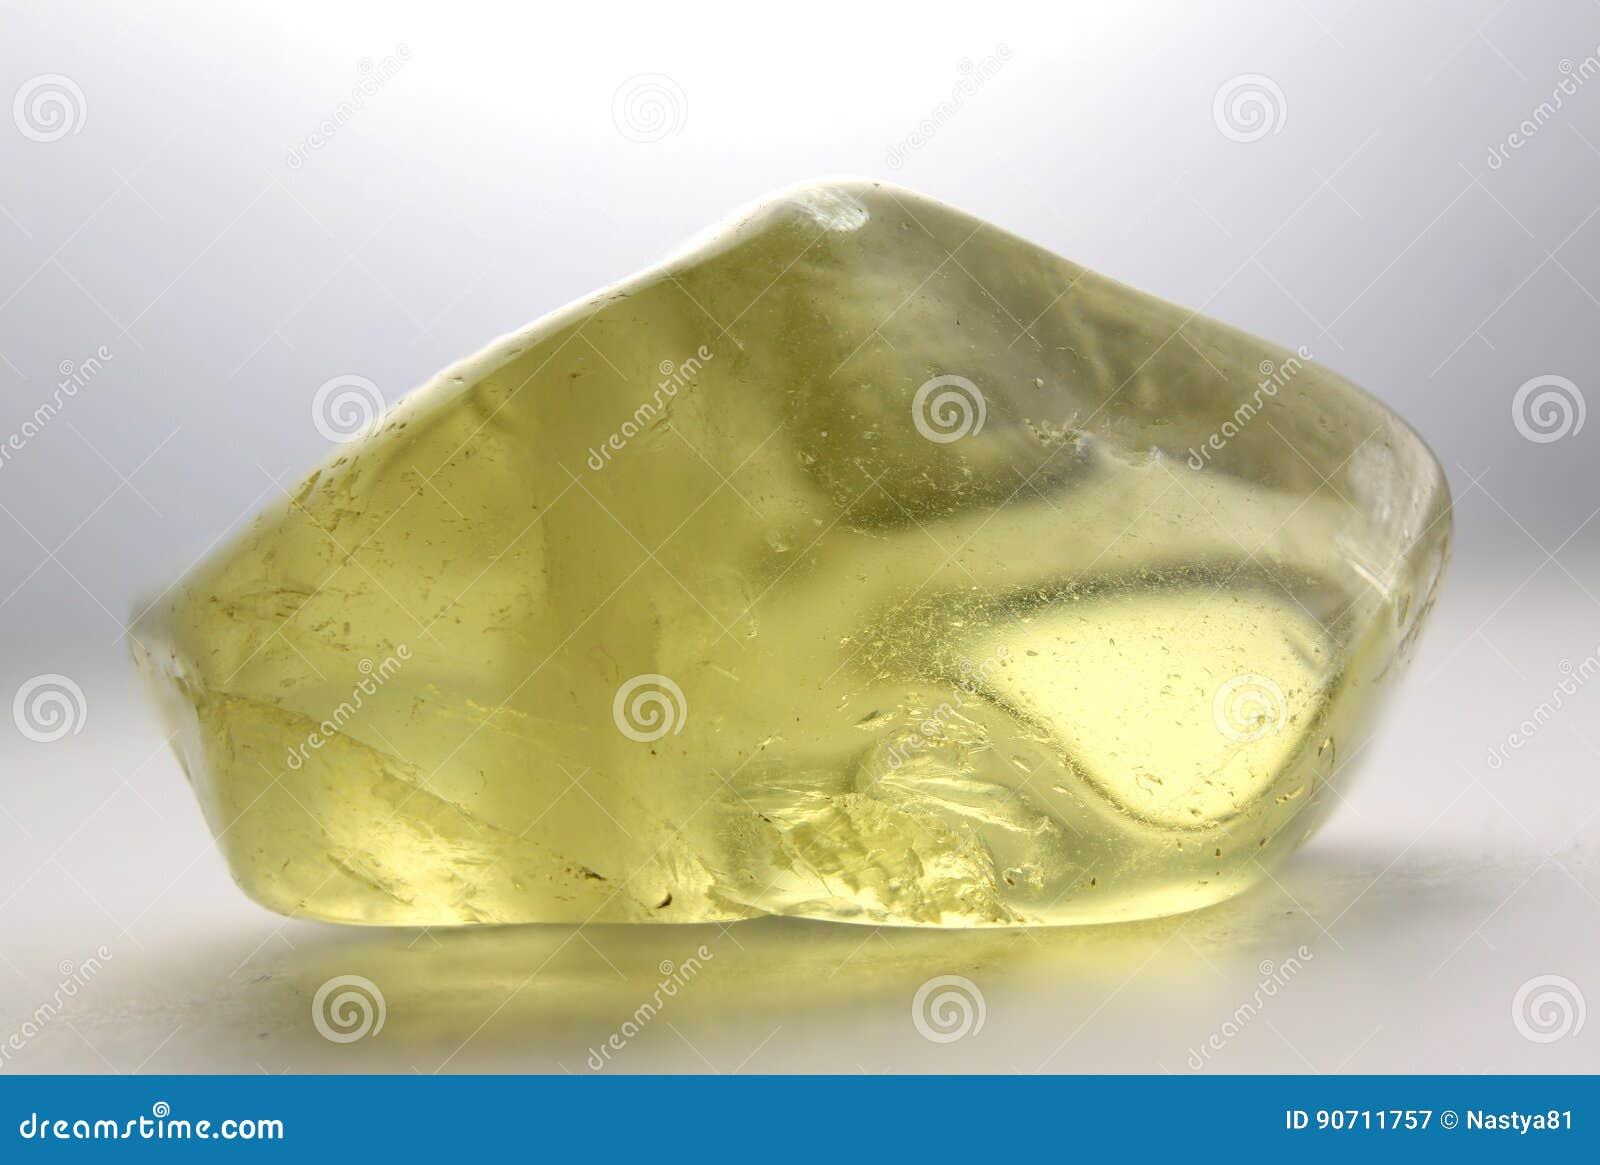 Pedra preciosa citrina